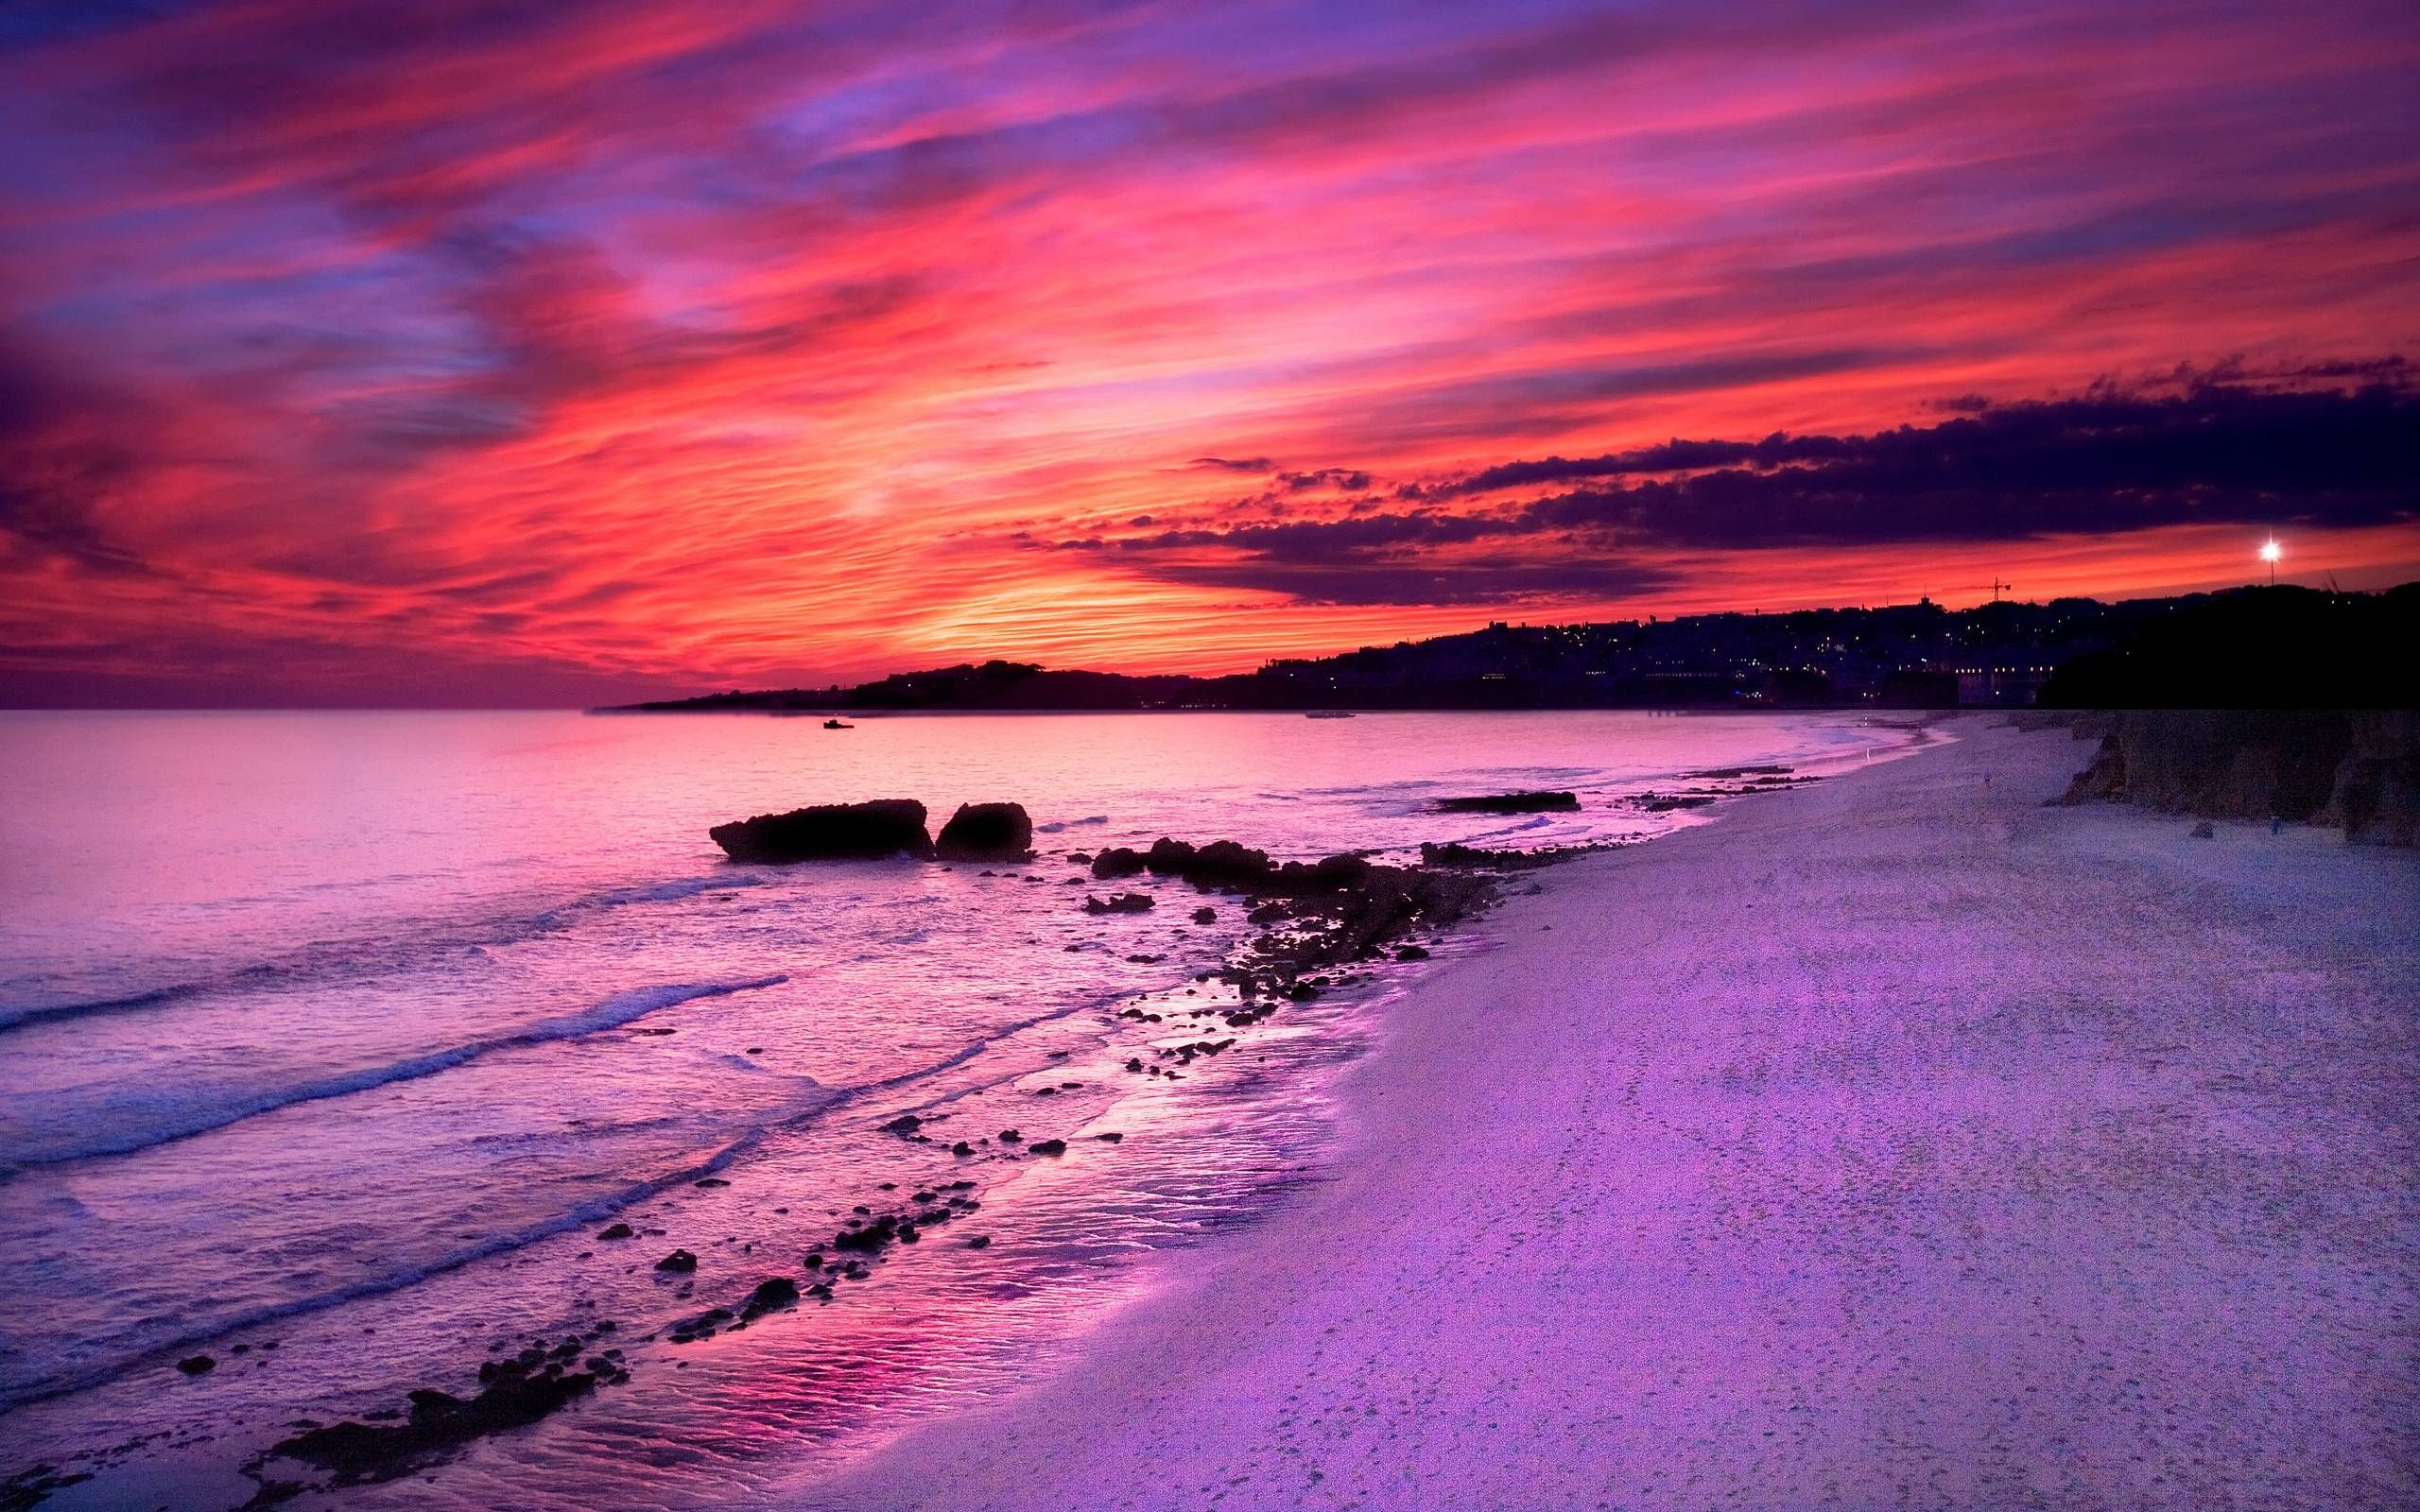 картинки фиолетовый закат над морем открытка тебя